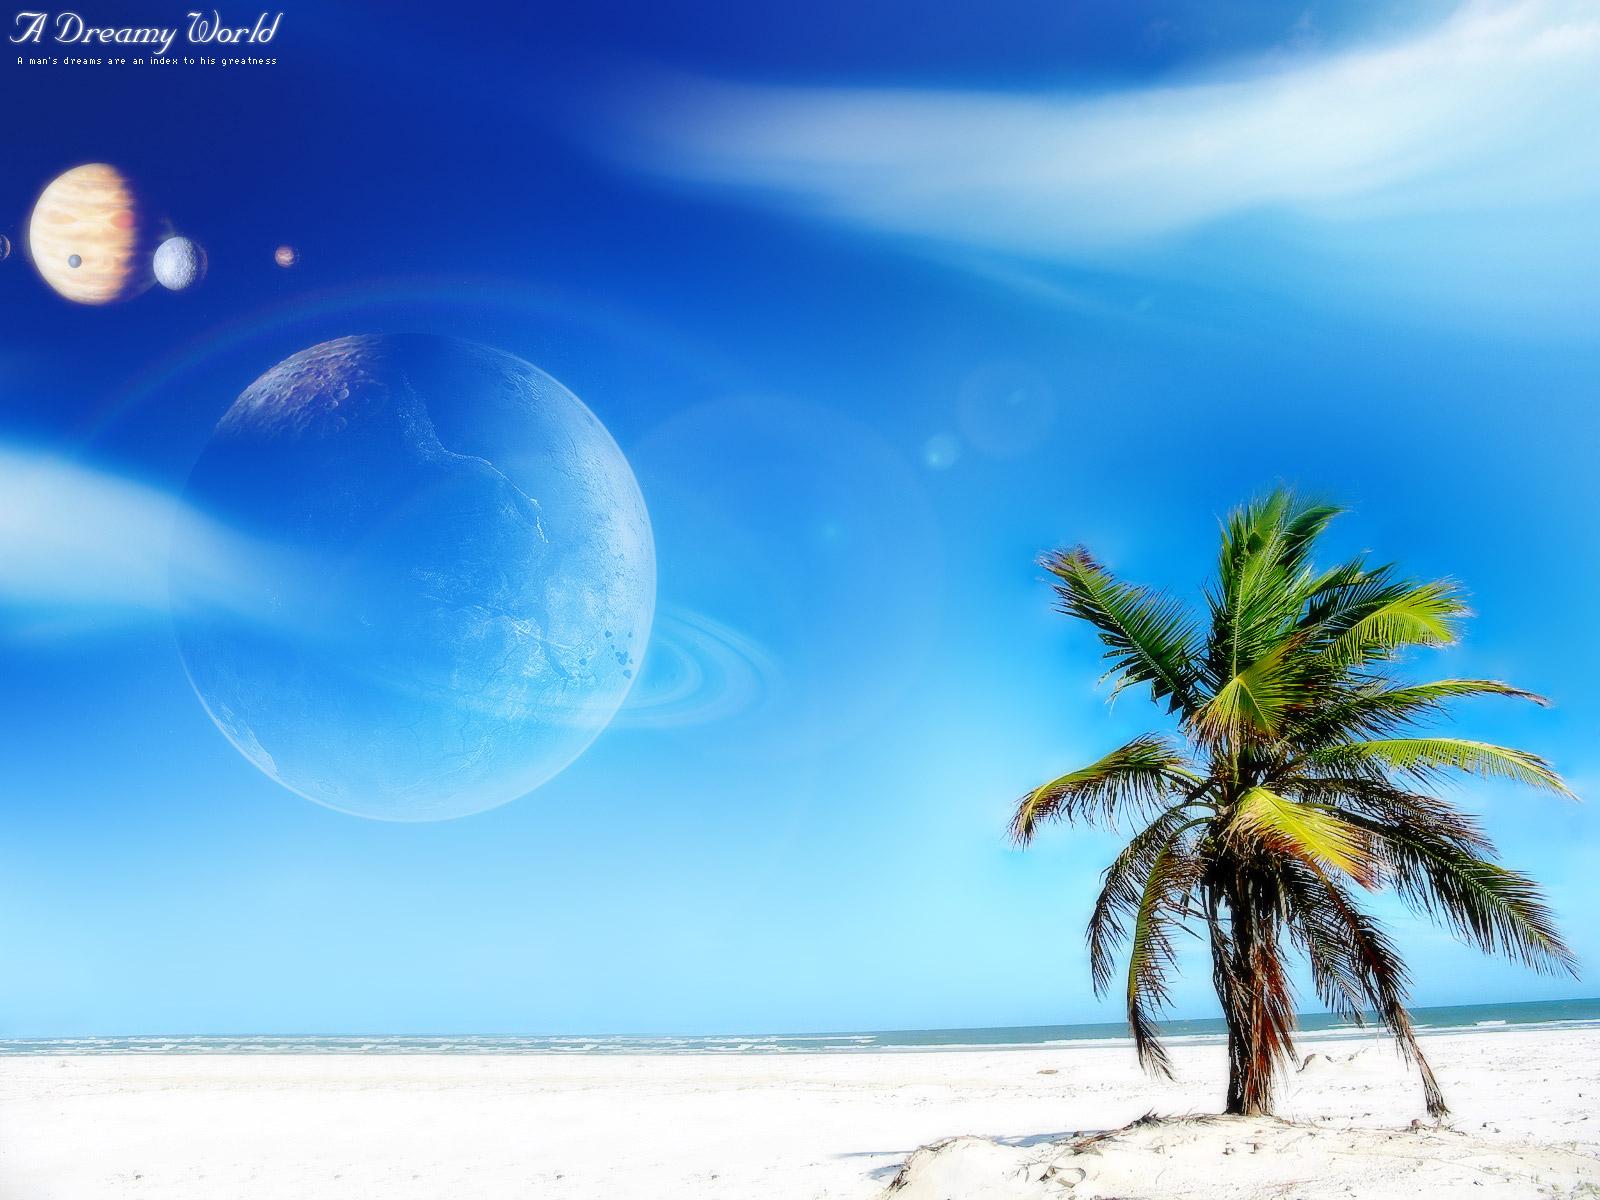 http://1.bp.blogspot.com/-v41rcTTCnMg/T3saIaM8I_I/AAAAAAAAASk/dYct-1FHO28/s1600/A_Dreamy_World_13rd.jpg